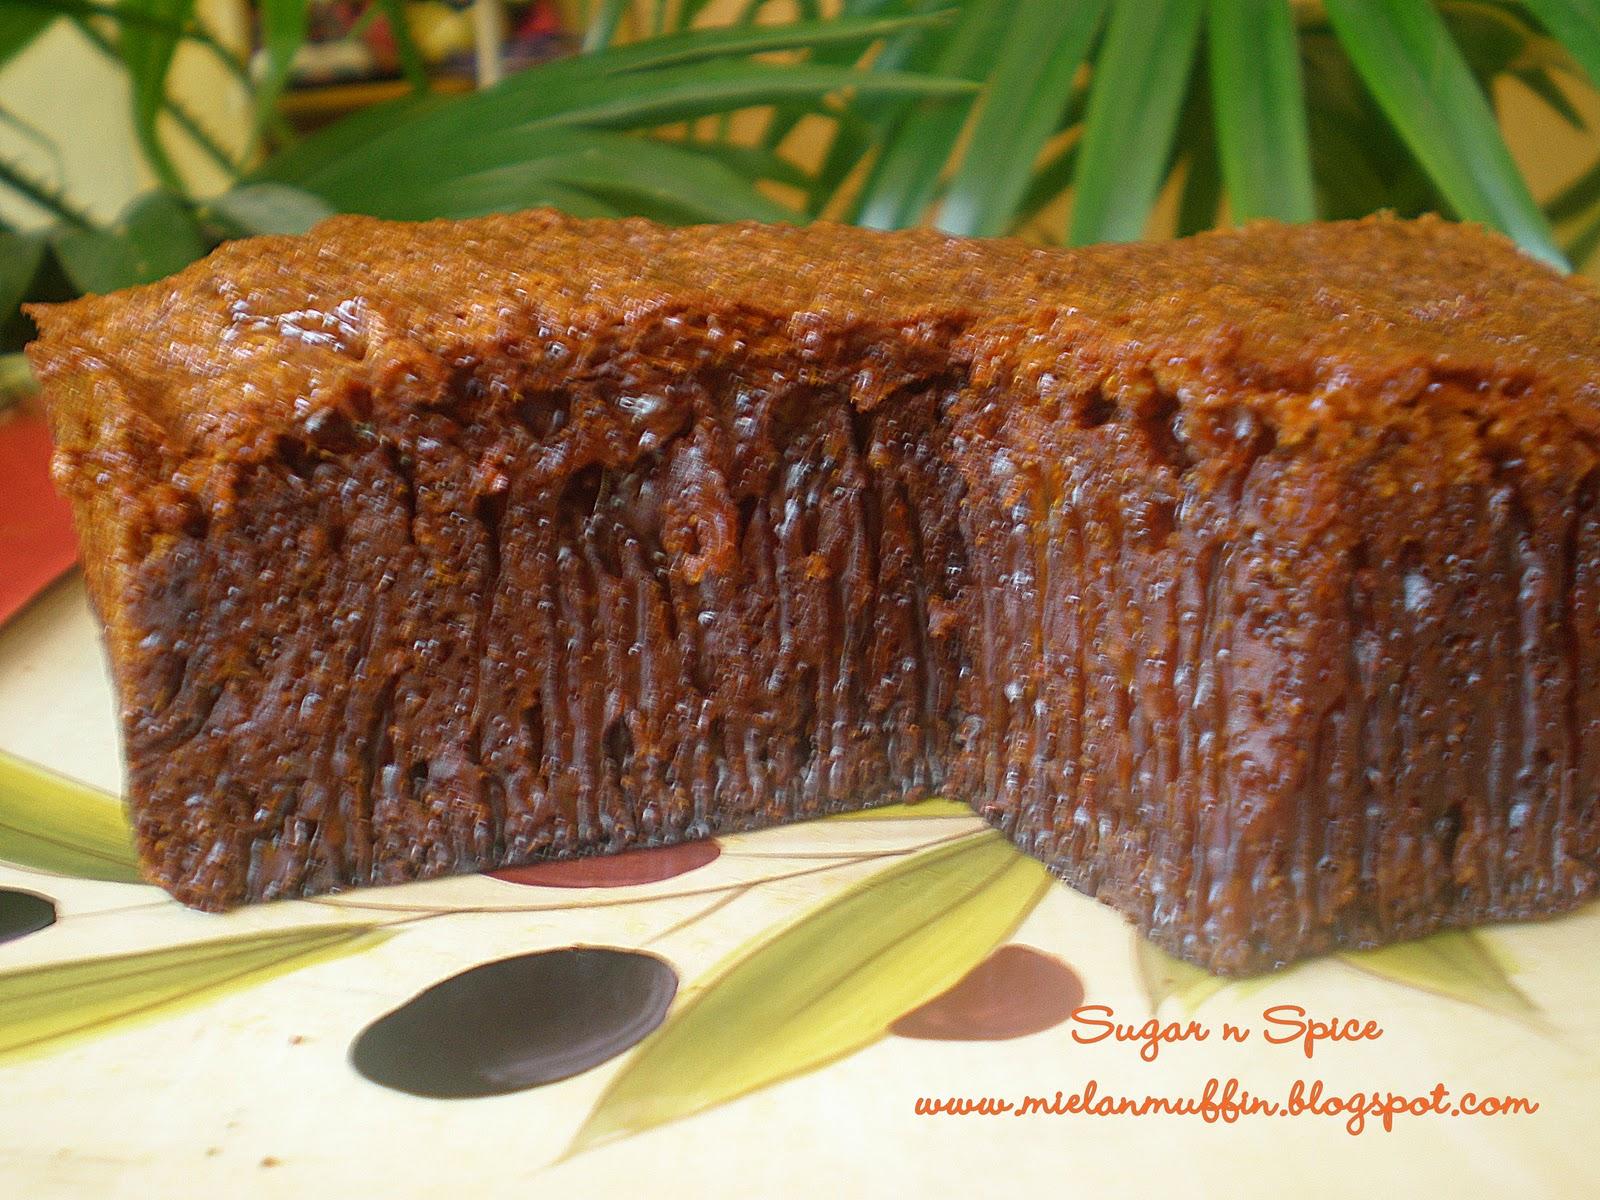 Sugar 'n' spice: Kek Gula Hangus / Kek Sarang Semut / Kek Sarang Lebah